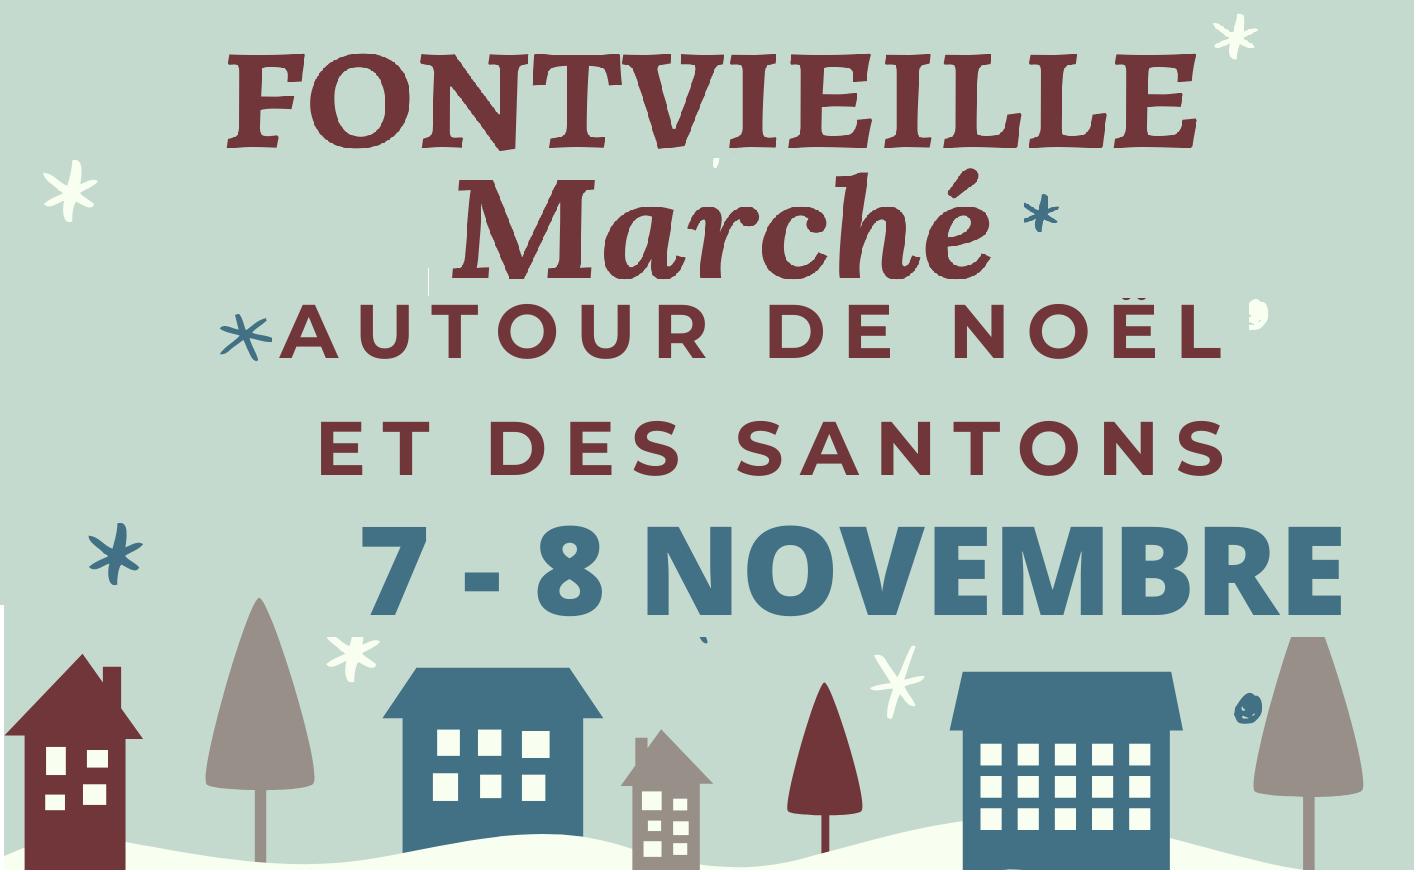 marché noël et santons à Fontvieille